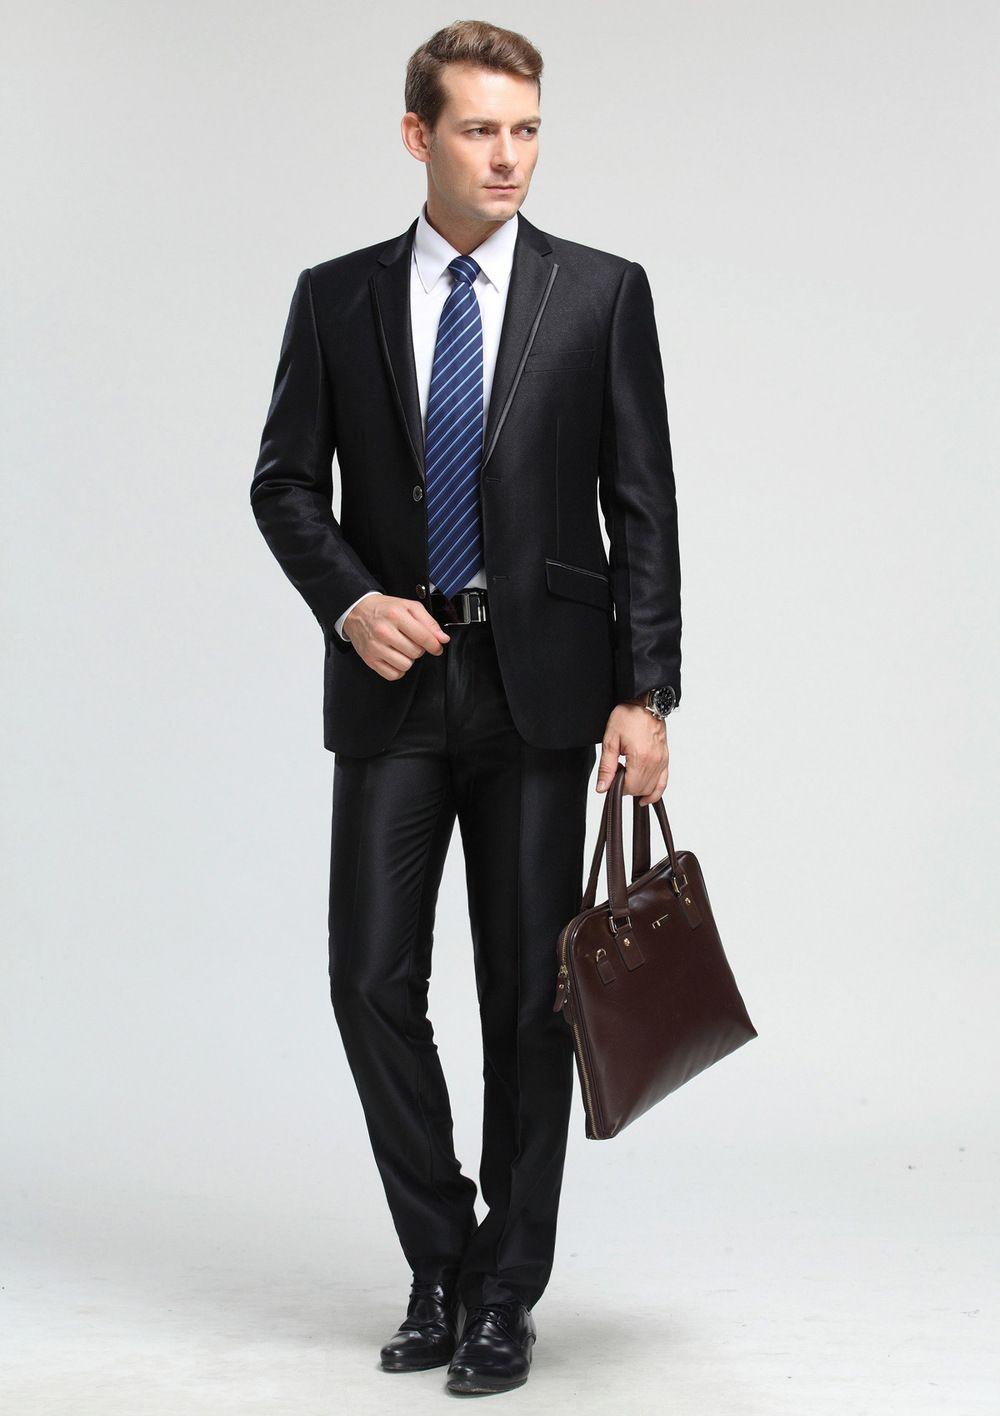 Men Business Office Uniform Design Wholesale Coat Pant Men Suit ...